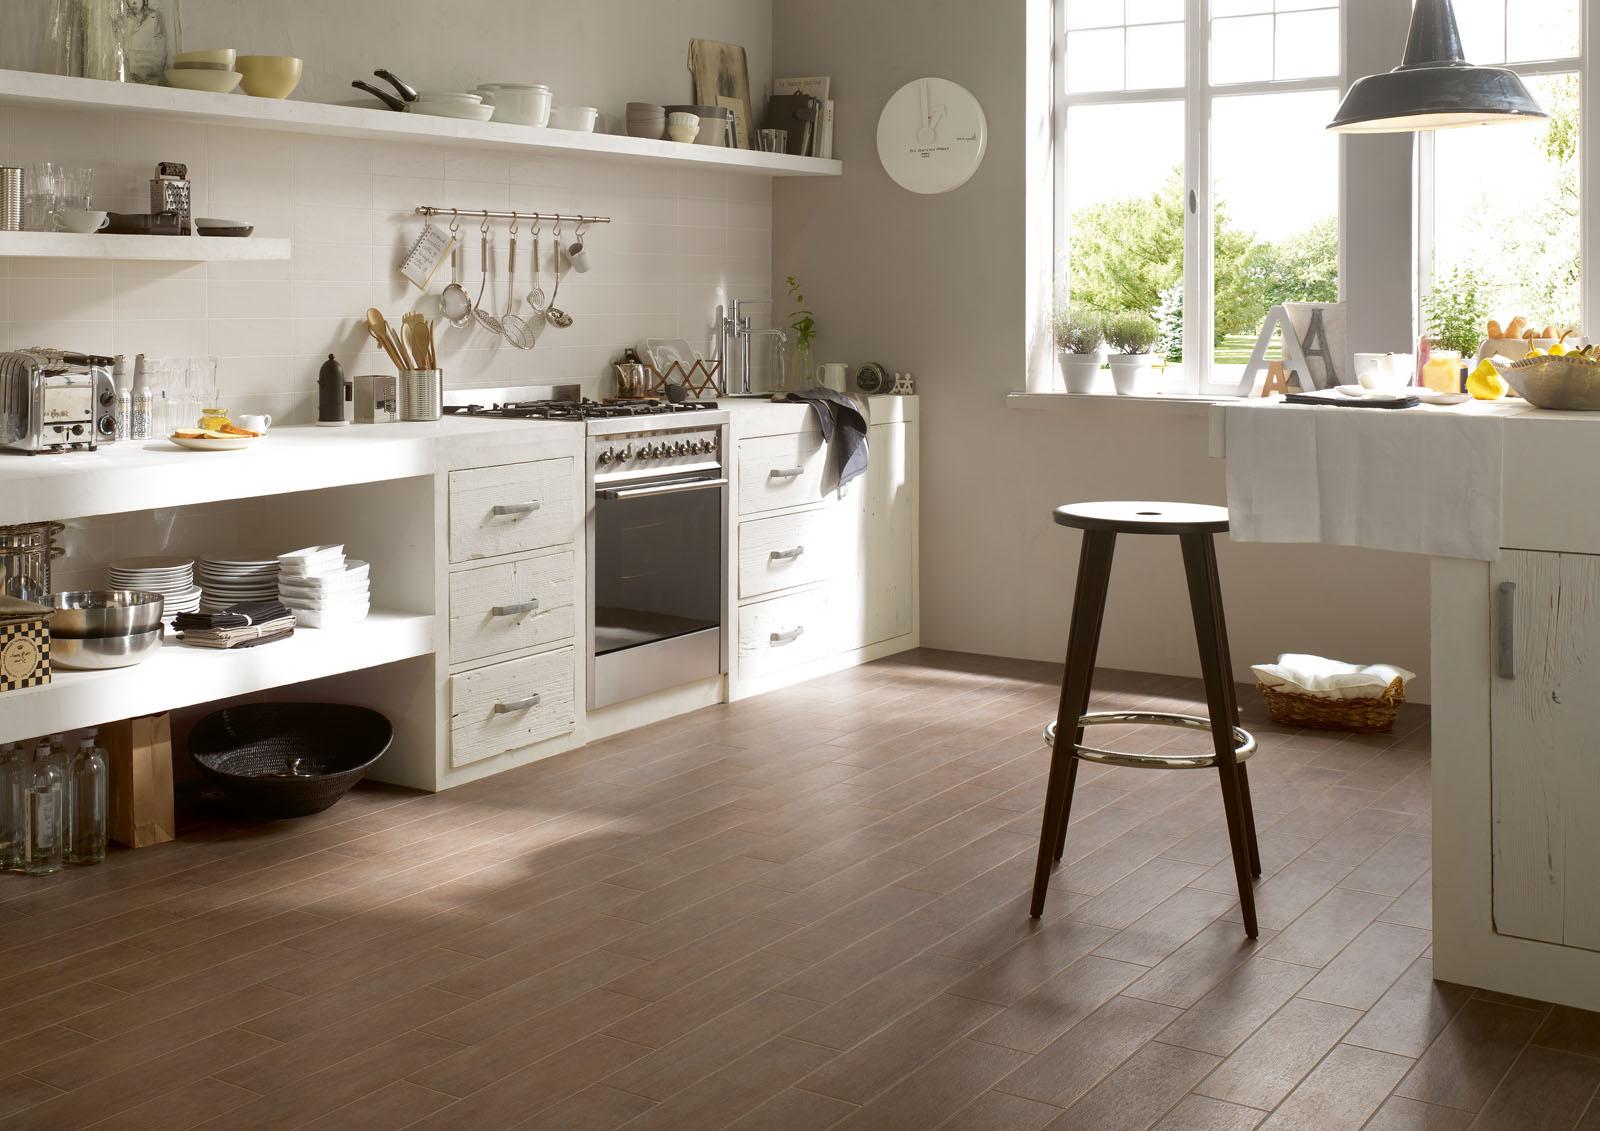 Pannelli di rivestimento pareti cucina effetto legno - Dipingere cucina legno ...